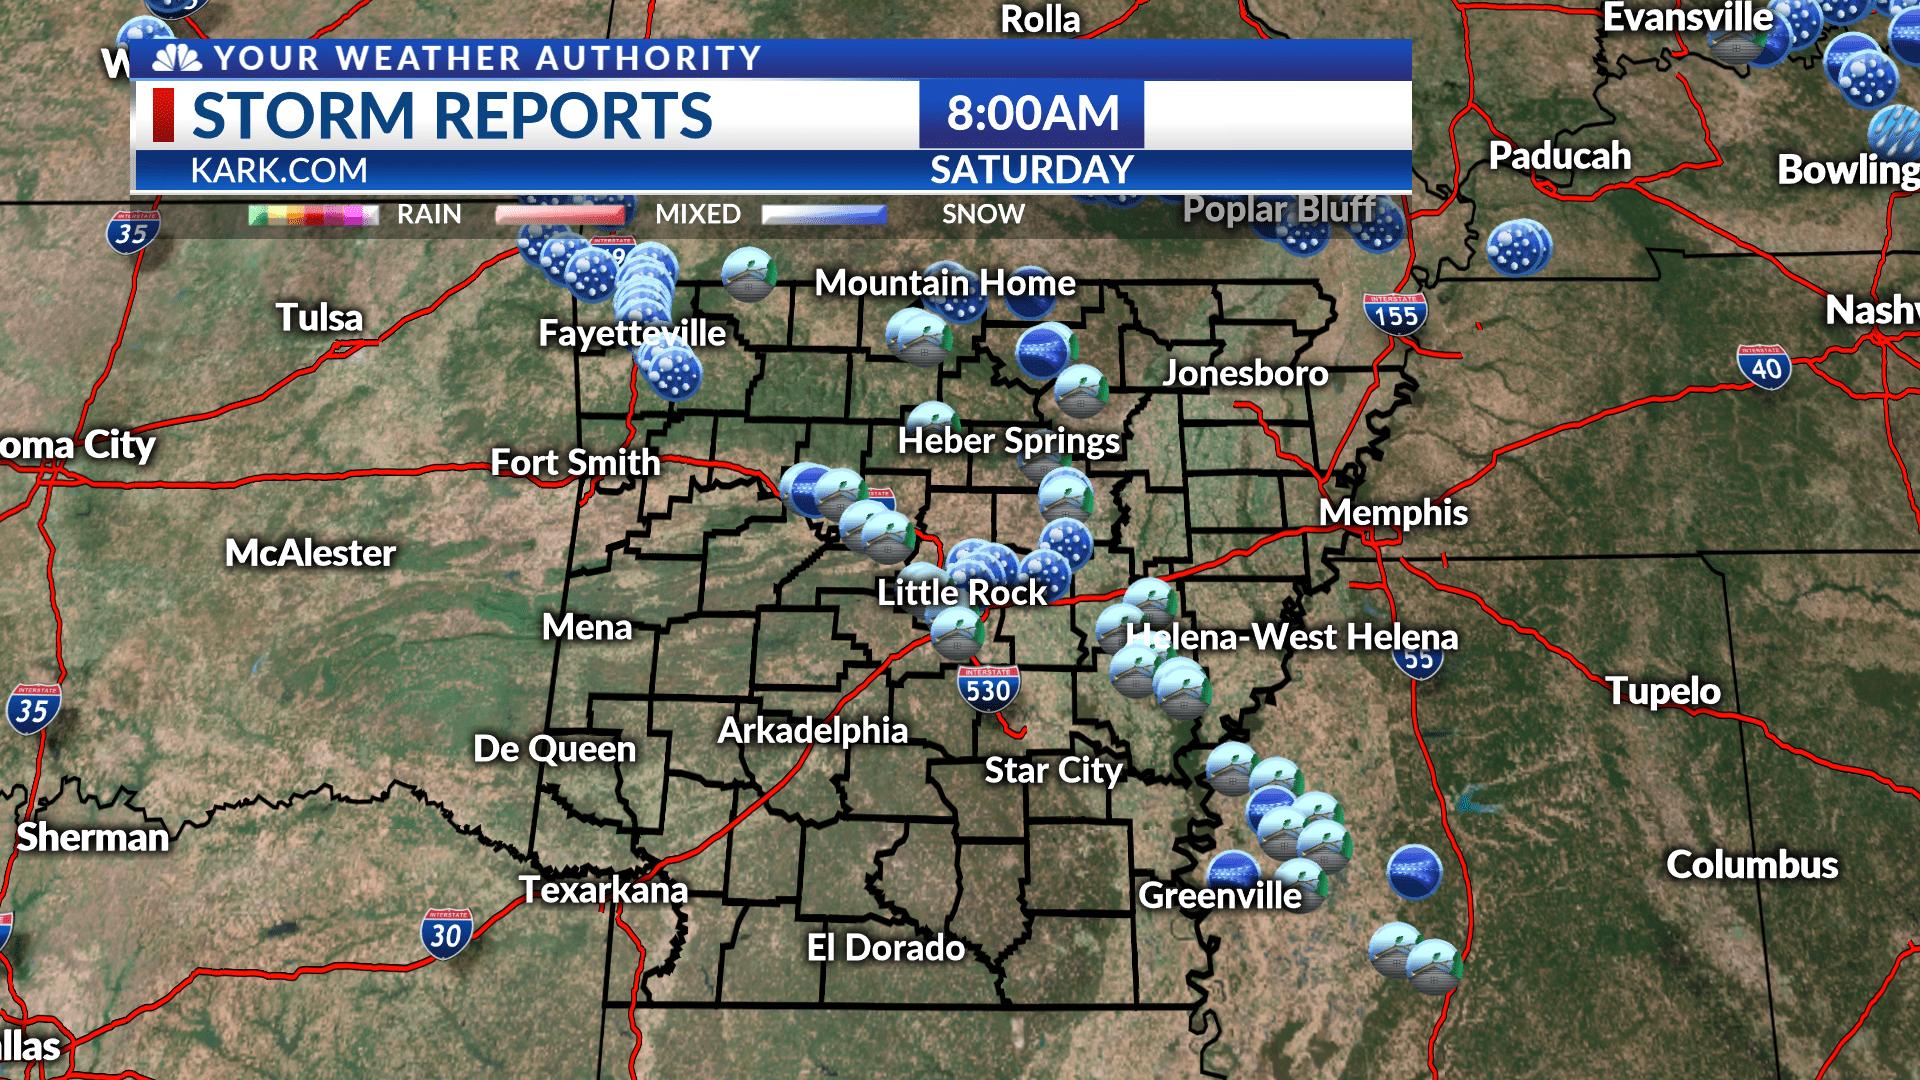 Kark Storm report map_1532178670639.png.jpg